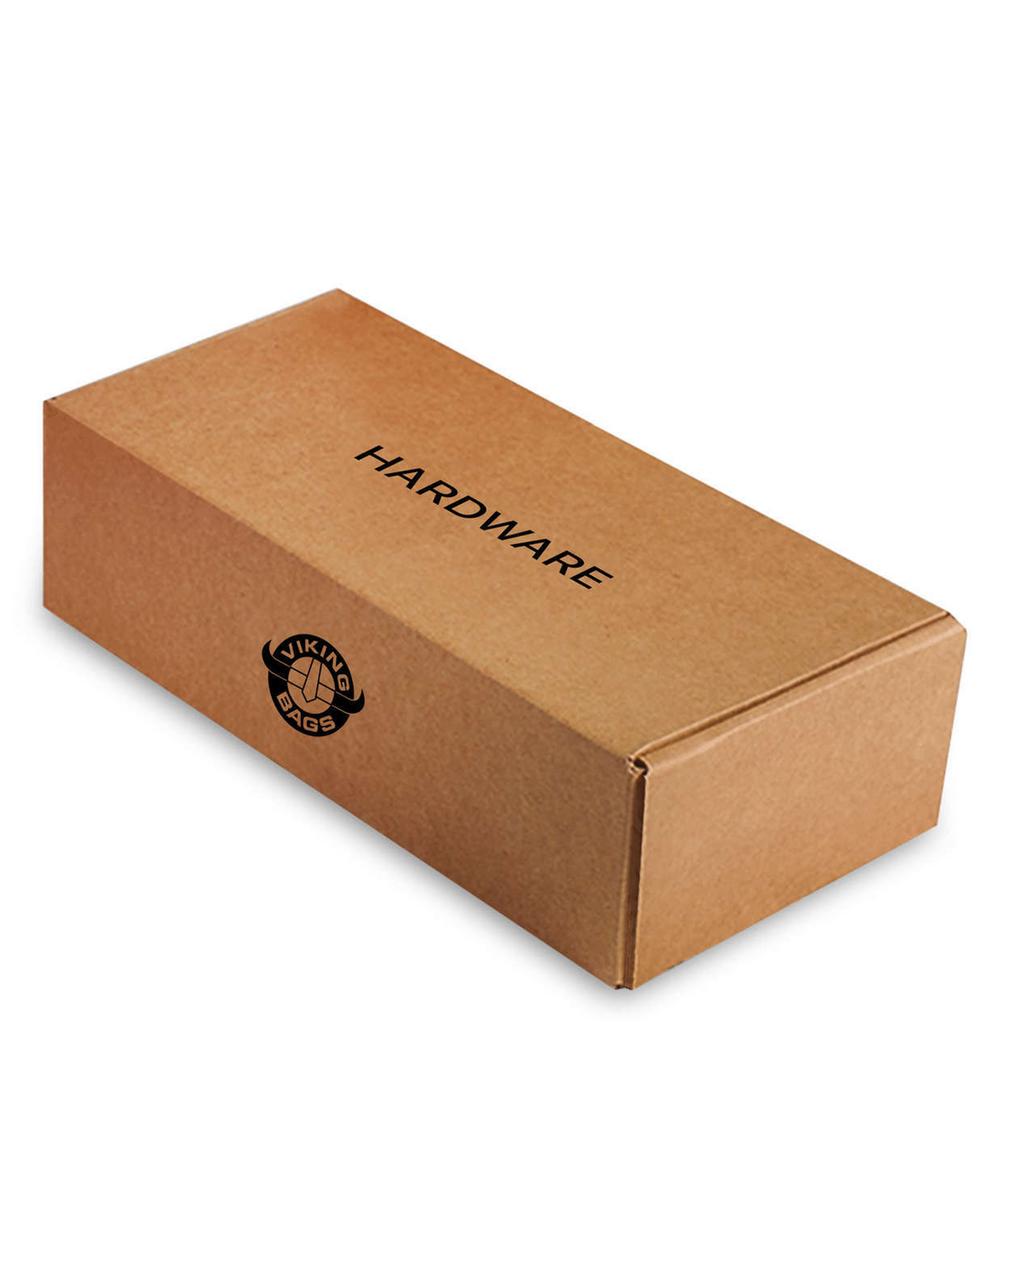 Honda 1100 Shadow Aero Viking Lamellar Slanted Leather Covered Motorcycle Hard Saddlebags  Box